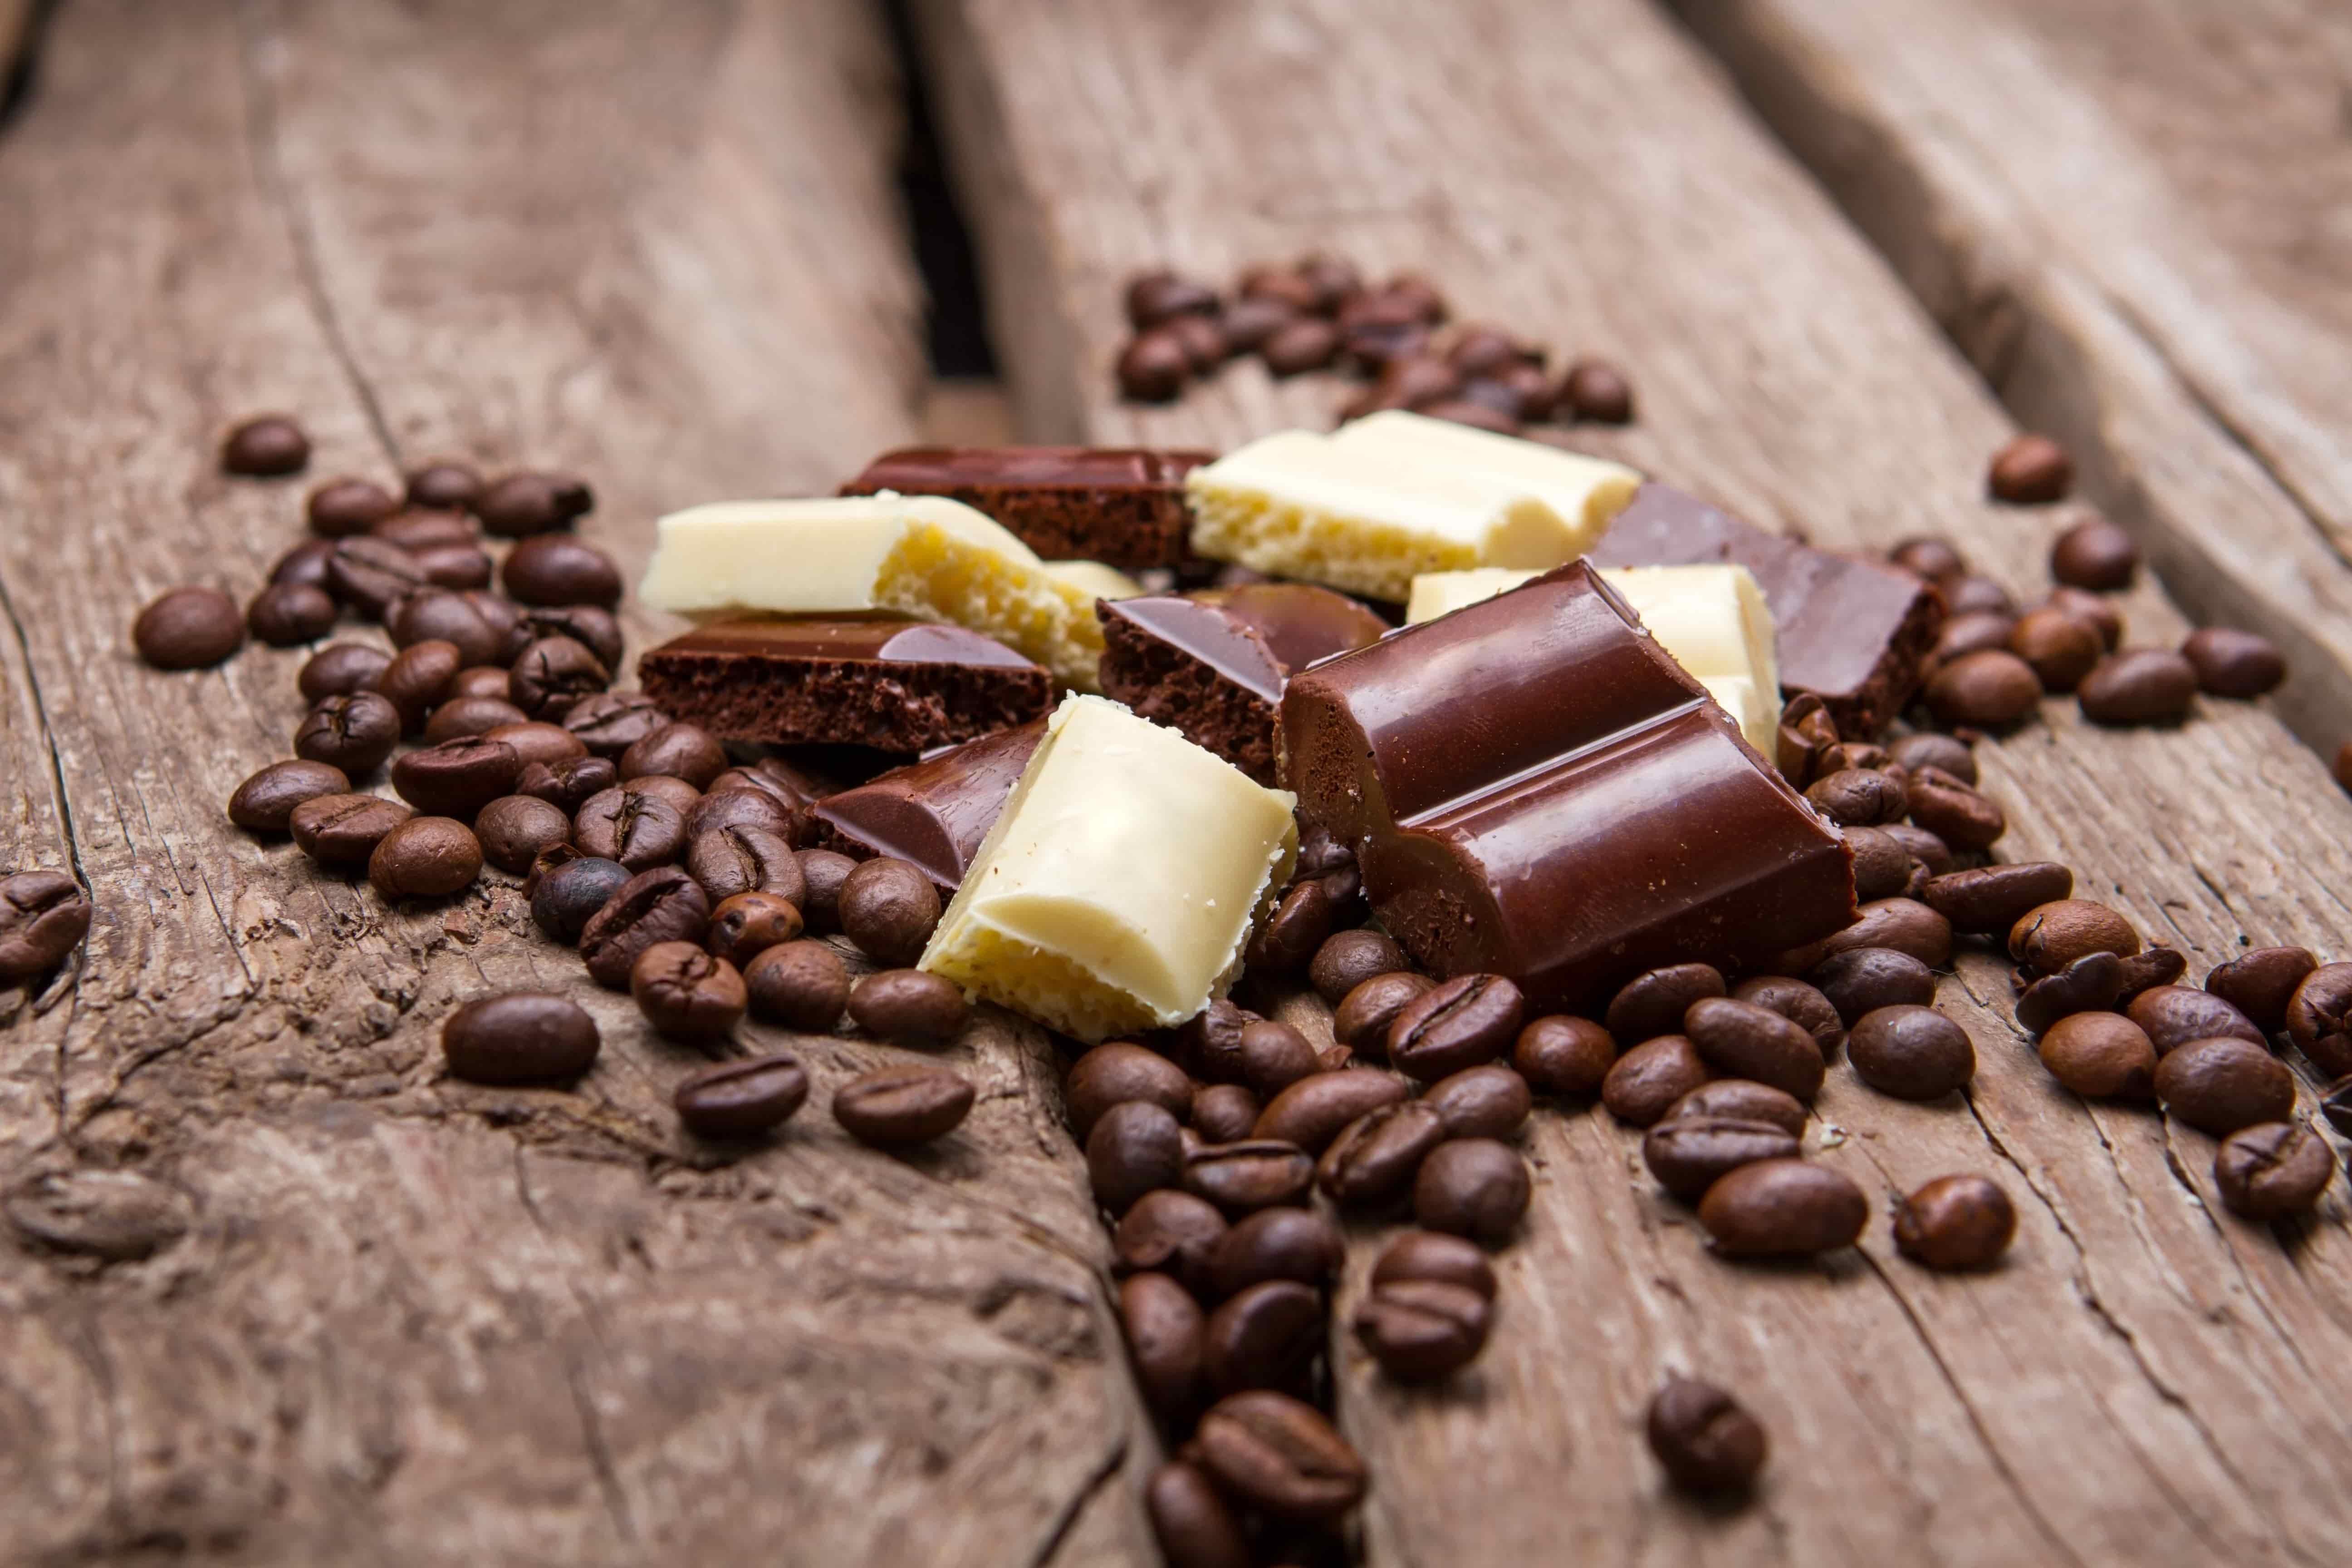 Горький шоколад - его польза и вред. Горький шоколад при похудении